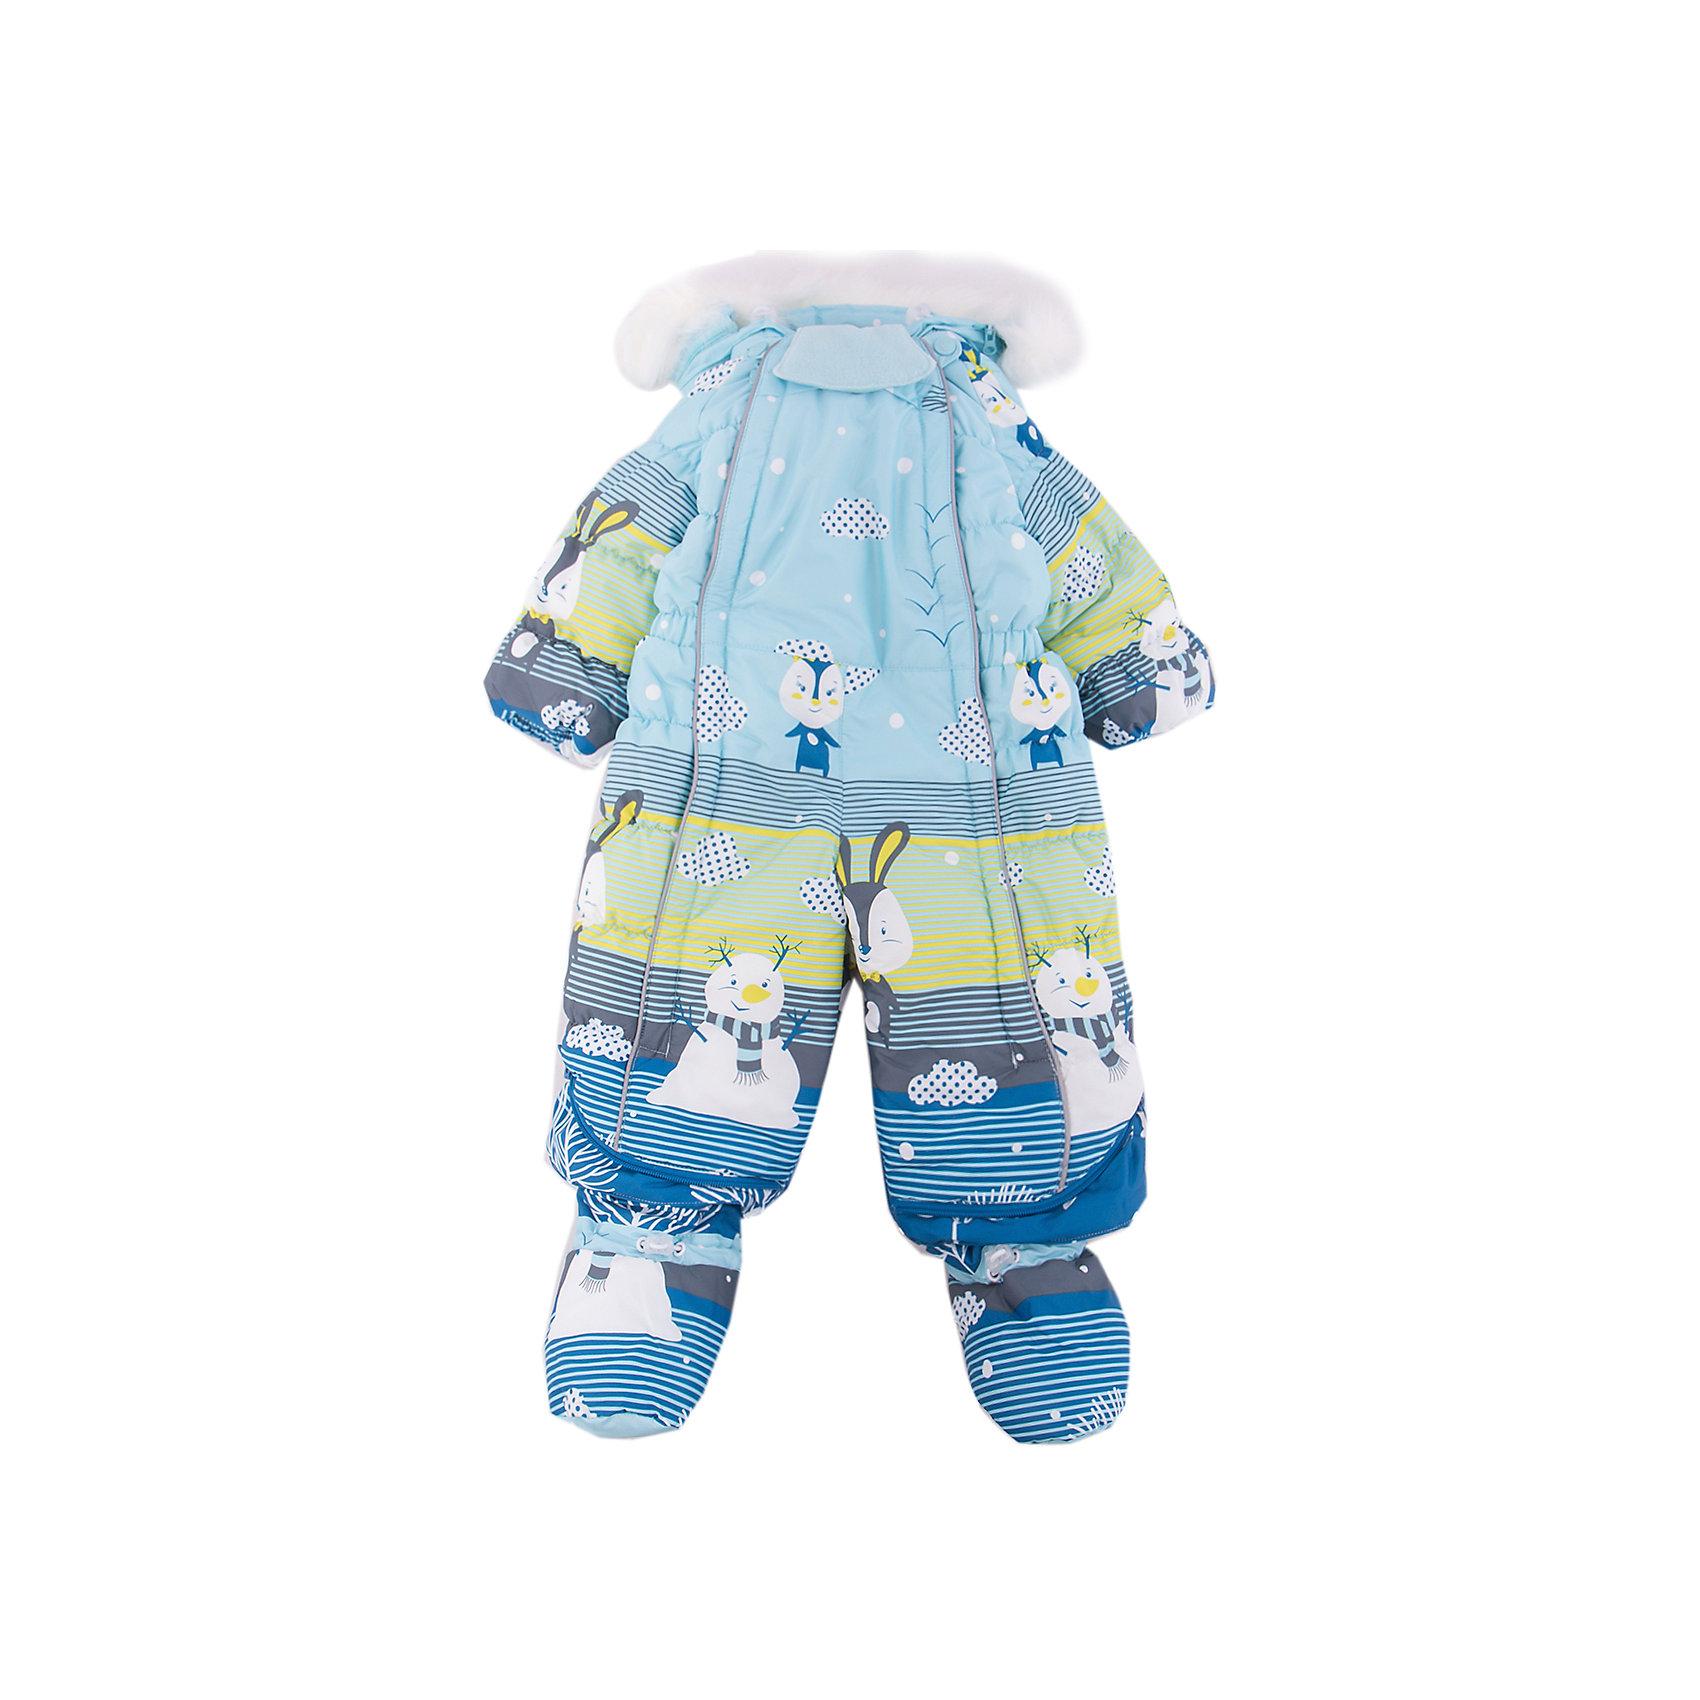 Комбинезон-трансформер Леви OLDOS для мальчикаВерхняя одежда<br>Характеристики товара:<br><br>• цвет: синий<br>• состав ткани: 100% полиэстер, пропитка PU, Teflon<br>• подкладка: хлопок<br>• утеплитель: Hollofan 200 г/м2<br>• подстежка: 60% овечья шерсть<br>• сезон: зима<br>• температурный режим: от -35 до 0<br>• застежка: молния<br>• капюшон: с мехом, несъемный<br>• пинетки, варежки и опушка отстегиваются<br>• трансформируется в конверт<br>• подстежка в комплекте<br>• страна бренда: Россия<br>• страна изготовитель: Россия<br><br>Поверхность такого детского комбинезона-трансформера усилен специальной пропиткой. Мягкая подкладка детского комбинезона для зимы приятна на ощупь. На этом детском комбинезоне-трансформере есть светоотражающие элементы, съемные эластичные штрипки, внутренние трикотажные манжеты в рукавах, он дополнен съемными пинетками и варежками. <br><br>Комбинезон-трансформер Леви Oldos (Олдос) для мальчика можно купить в нашем интернет-магазине.<br><br>Ширина мм: 356<br>Глубина мм: 10<br>Высота мм: 245<br>Вес г: 519<br>Цвет: синий<br>Возраст от месяцев: 12<br>Возраст до месяцев: 18<br>Пол: Мужской<br>Возраст: Детский<br>Размер: 86,74,80<br>SKU: 7016639